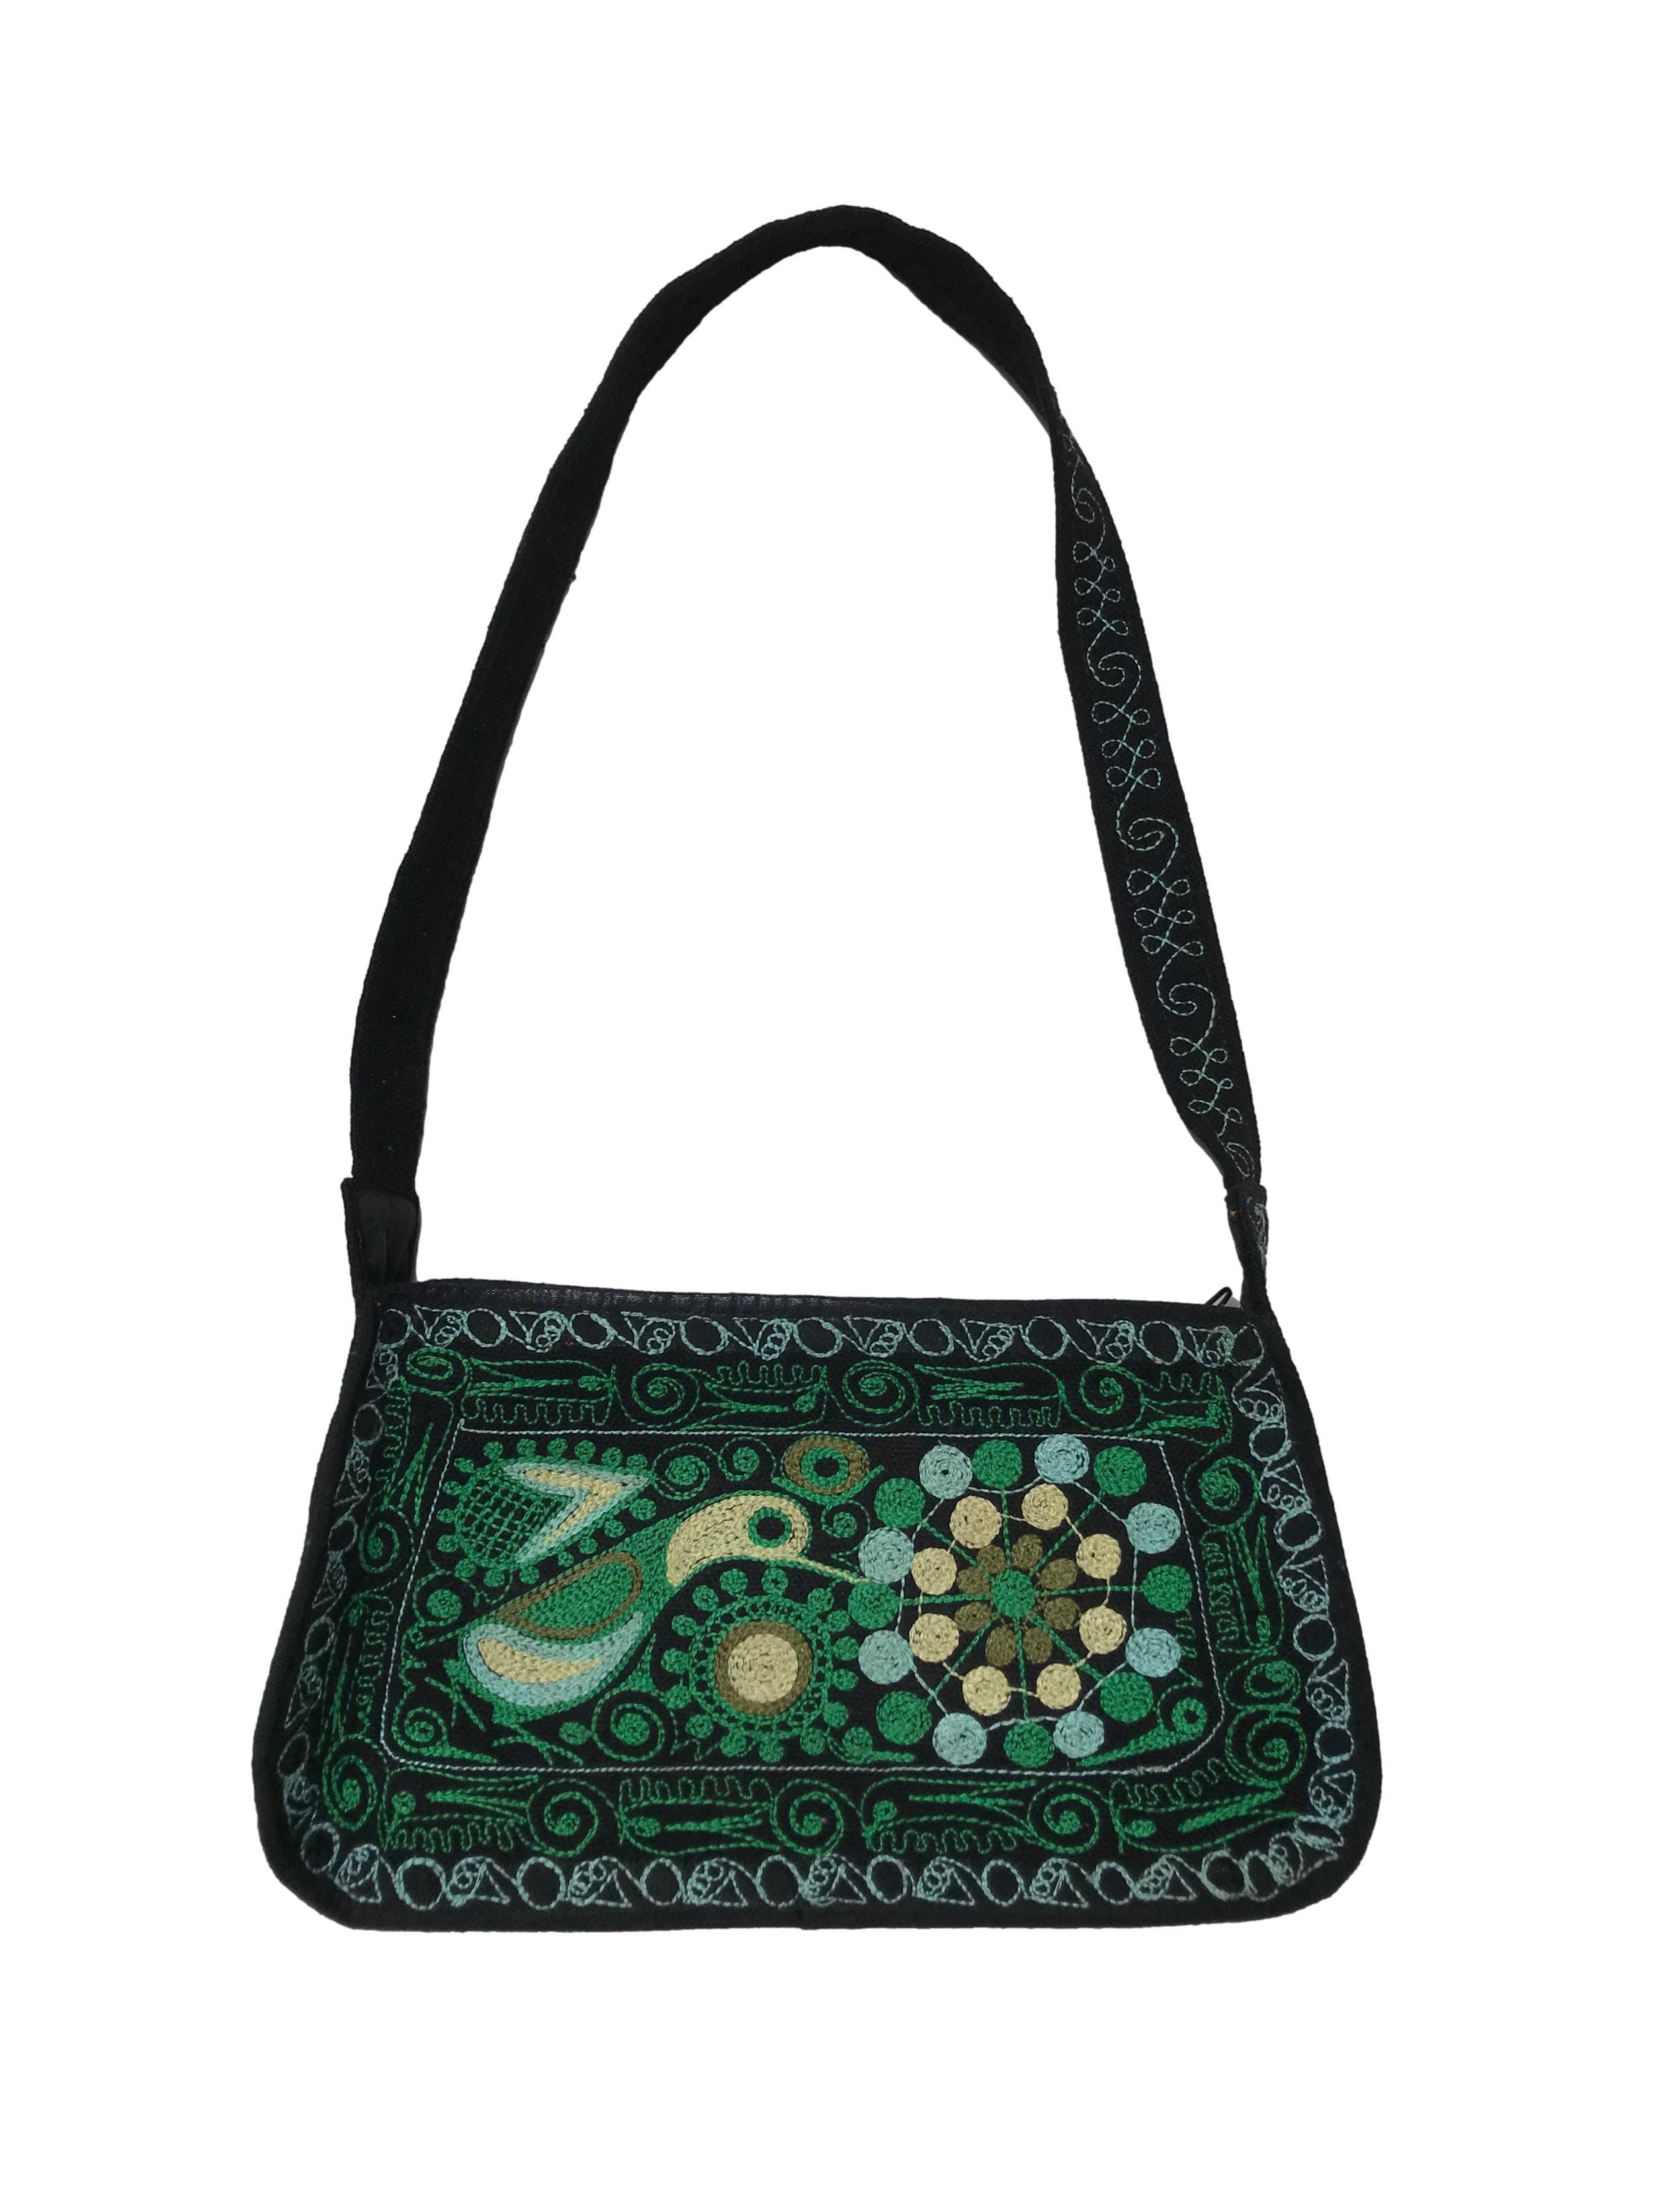 Carterita negra con bordado verde, tiene cierre y forro interno. Medidas 13x22x5cm